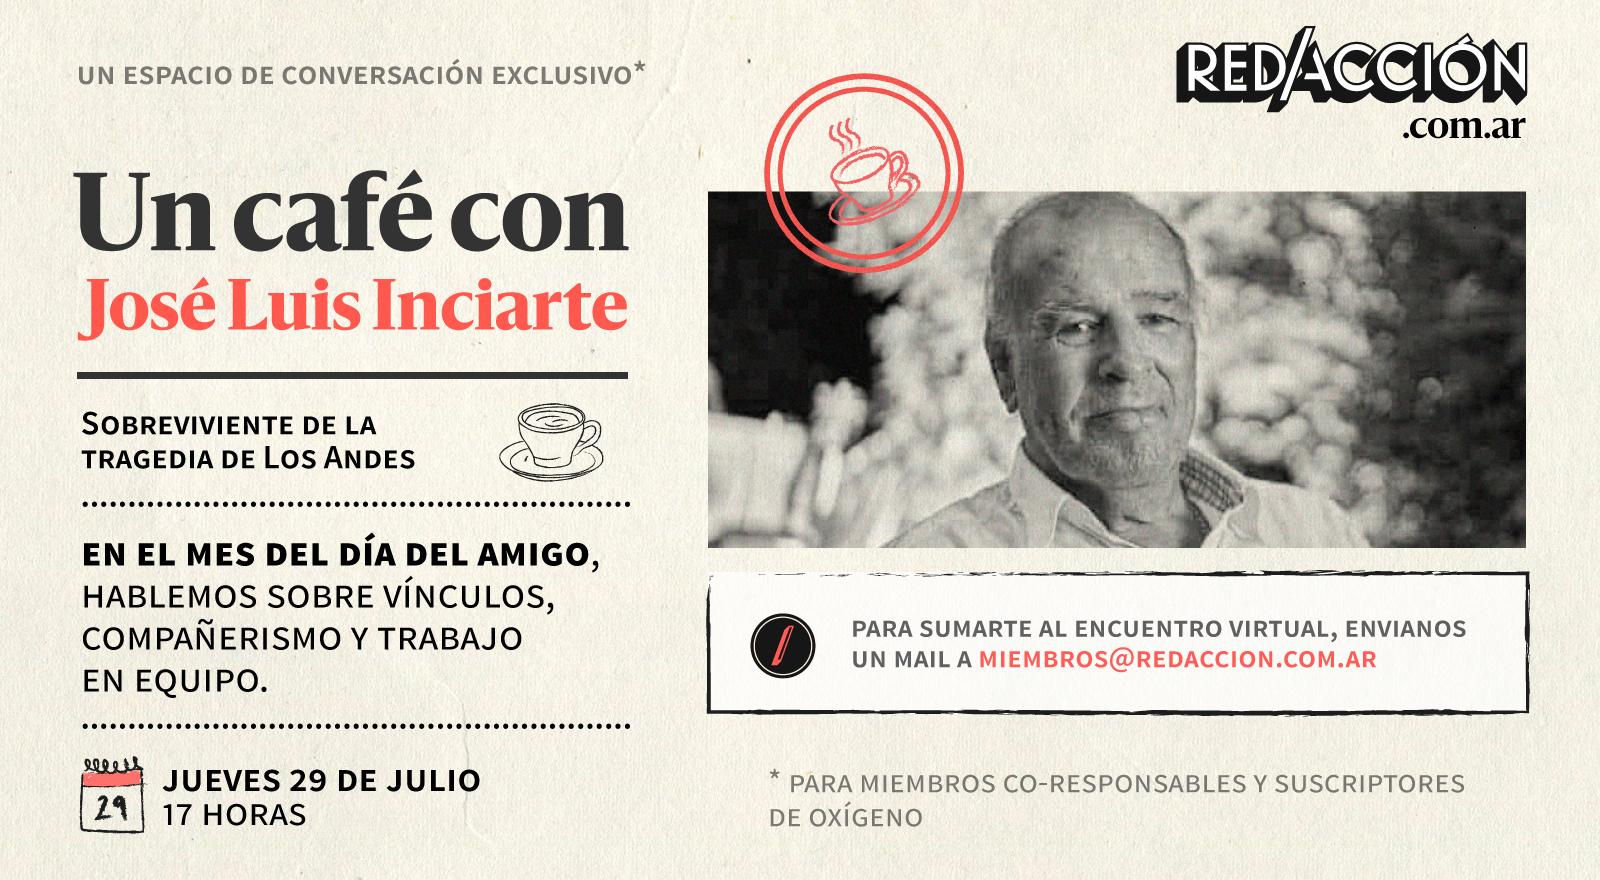 Semana #168 - Lanzamos FIBRA Studio; junto a un sobreviviente de la tragedia de los Andes; más oportunidades para participar